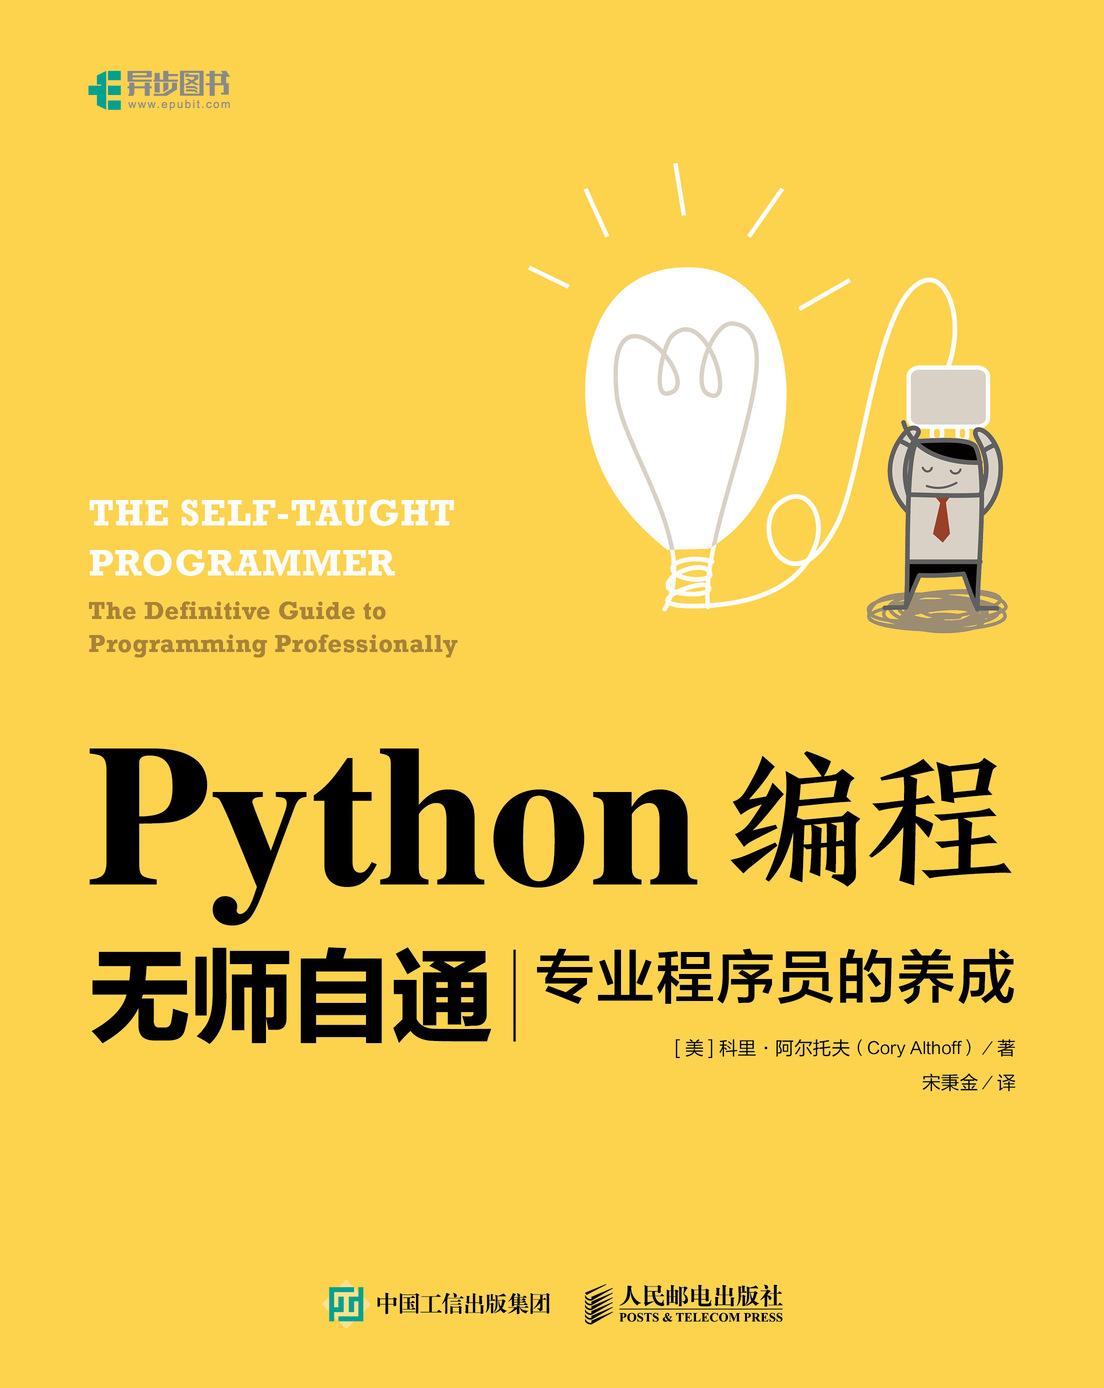 Python编程无师自通——专业程序员的养成 PDF格式高清电子书免费下载